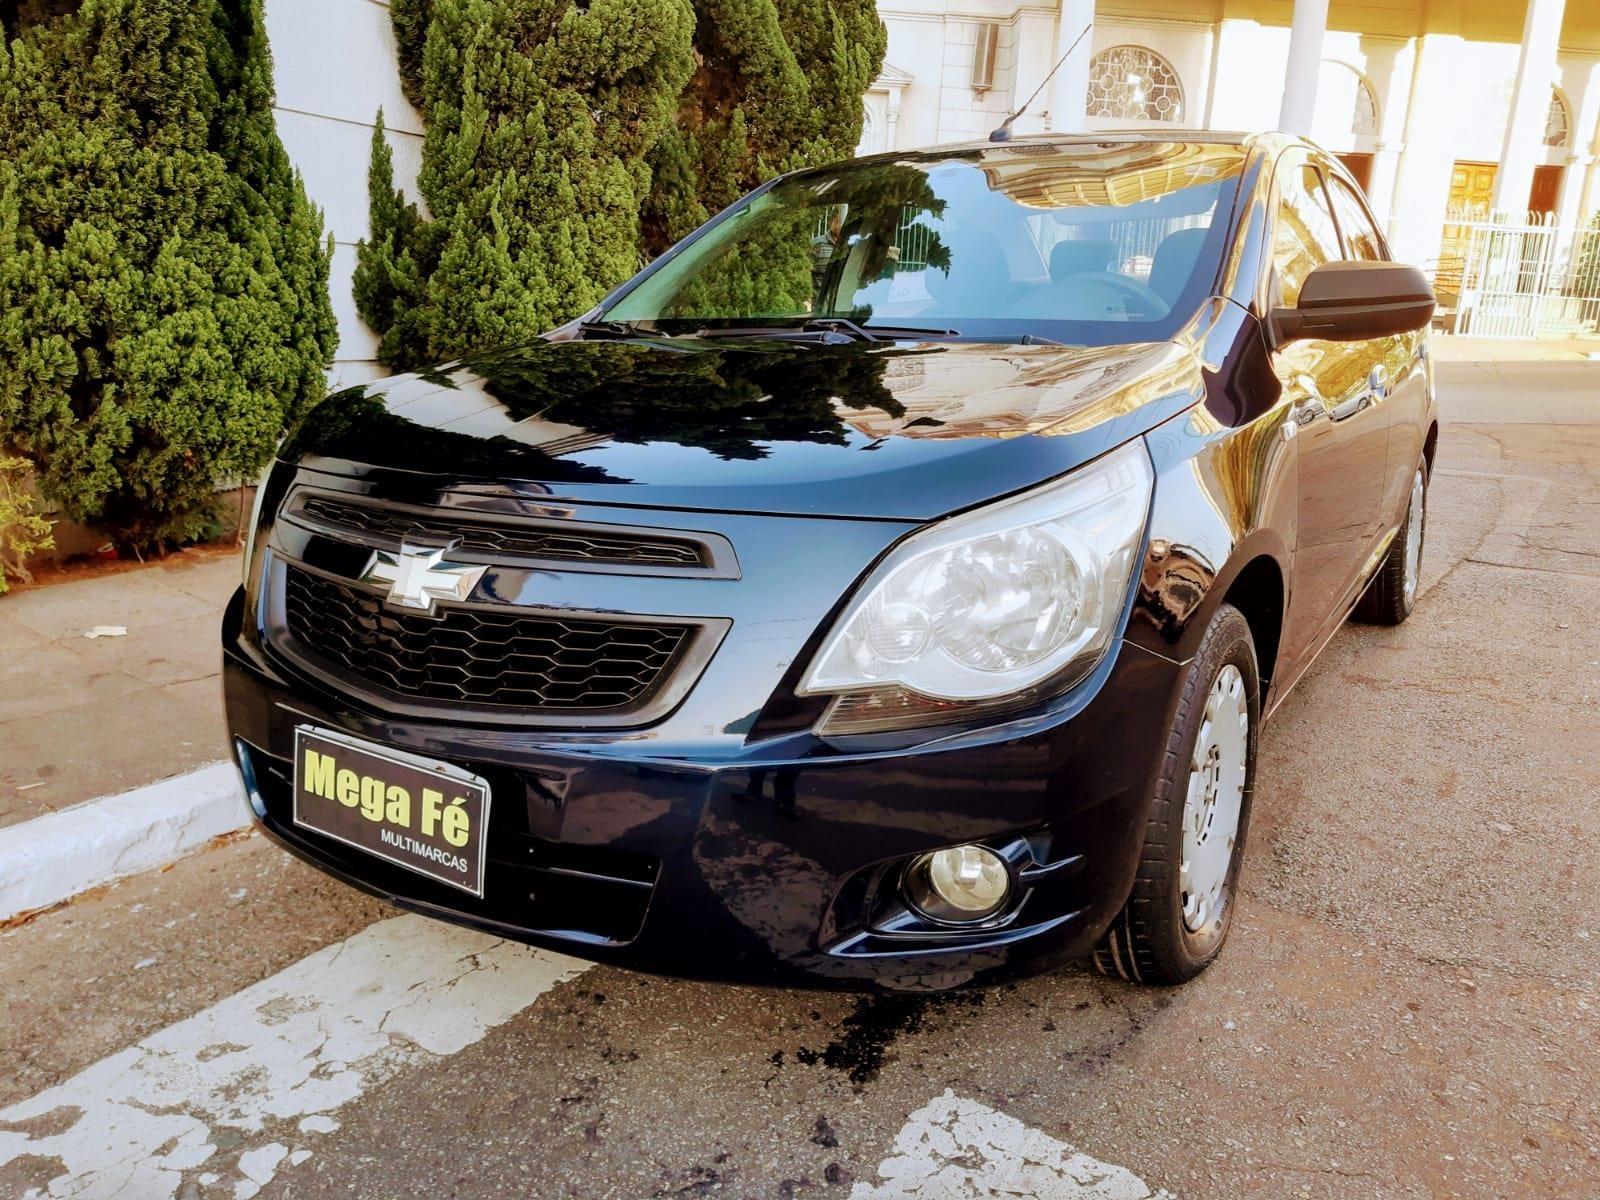 //www.autoline.com.br/carro/chevrolet/cobalt-14-ls-8v-flex-4p-manual/2012/sao-paulo-sp/15211225